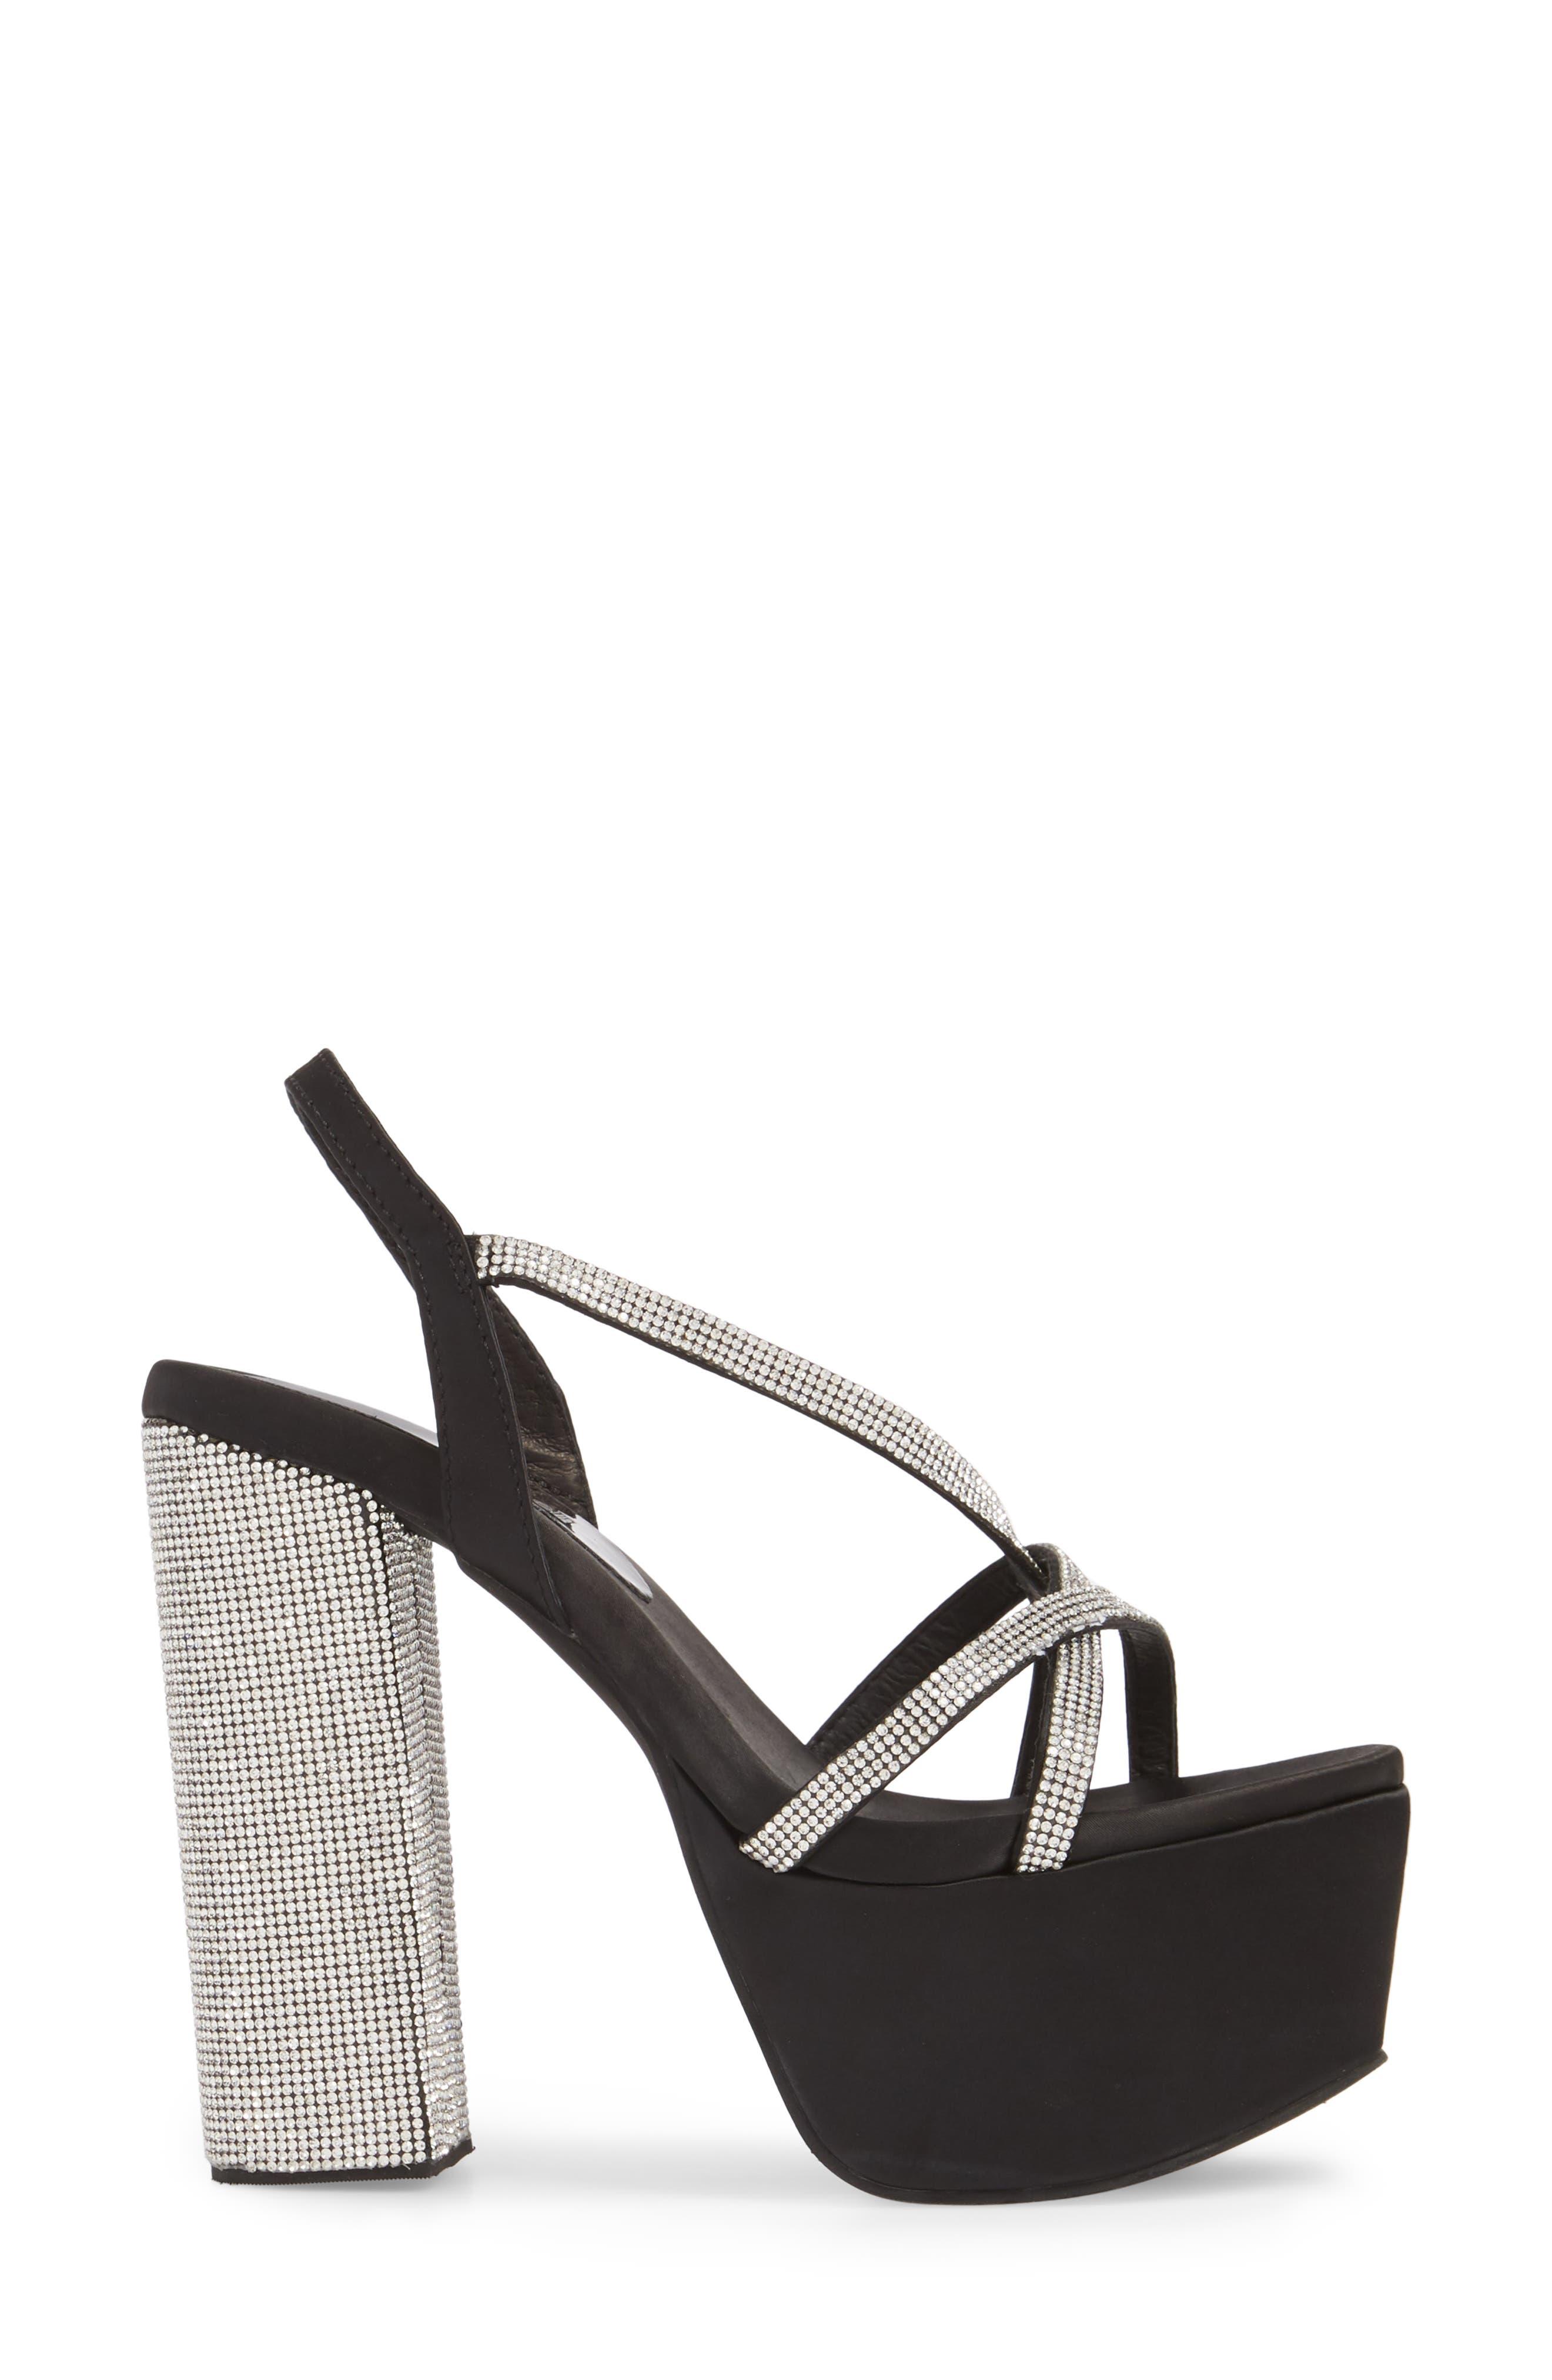 Upset Embellished Platform Sandal,                             Alternate thumbnail 3, color,                             Black Satin/ Silver